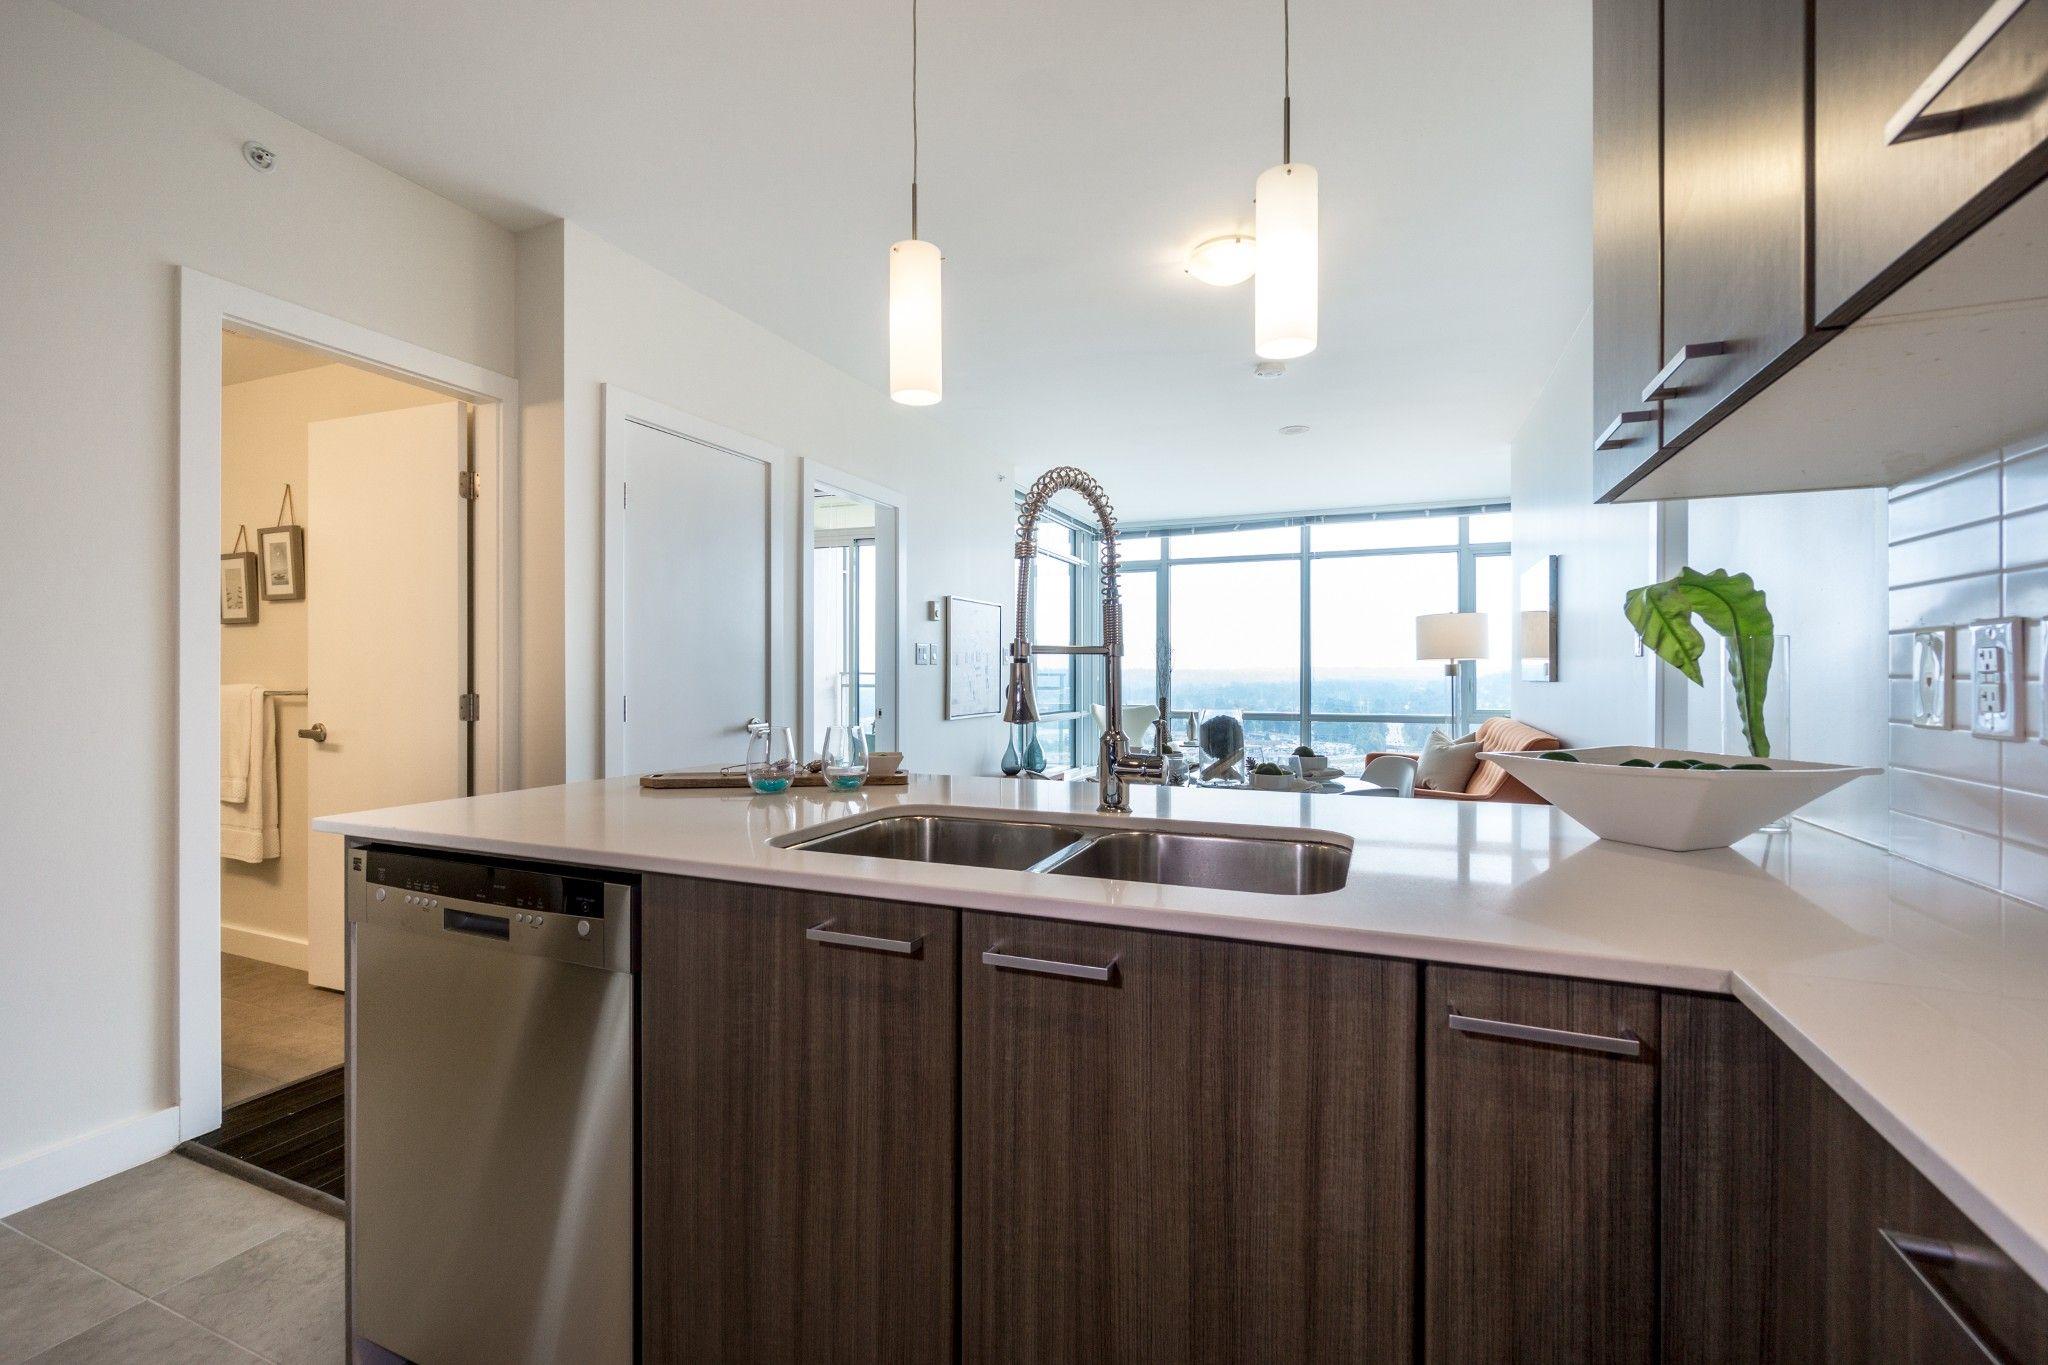 """Photo 8: Photos: 2906 2955 ATLANTIC Avenue in Coquitlam: North Coquitlam Condo for sale in """"OASIS"""" : MLS®# R2274297"""